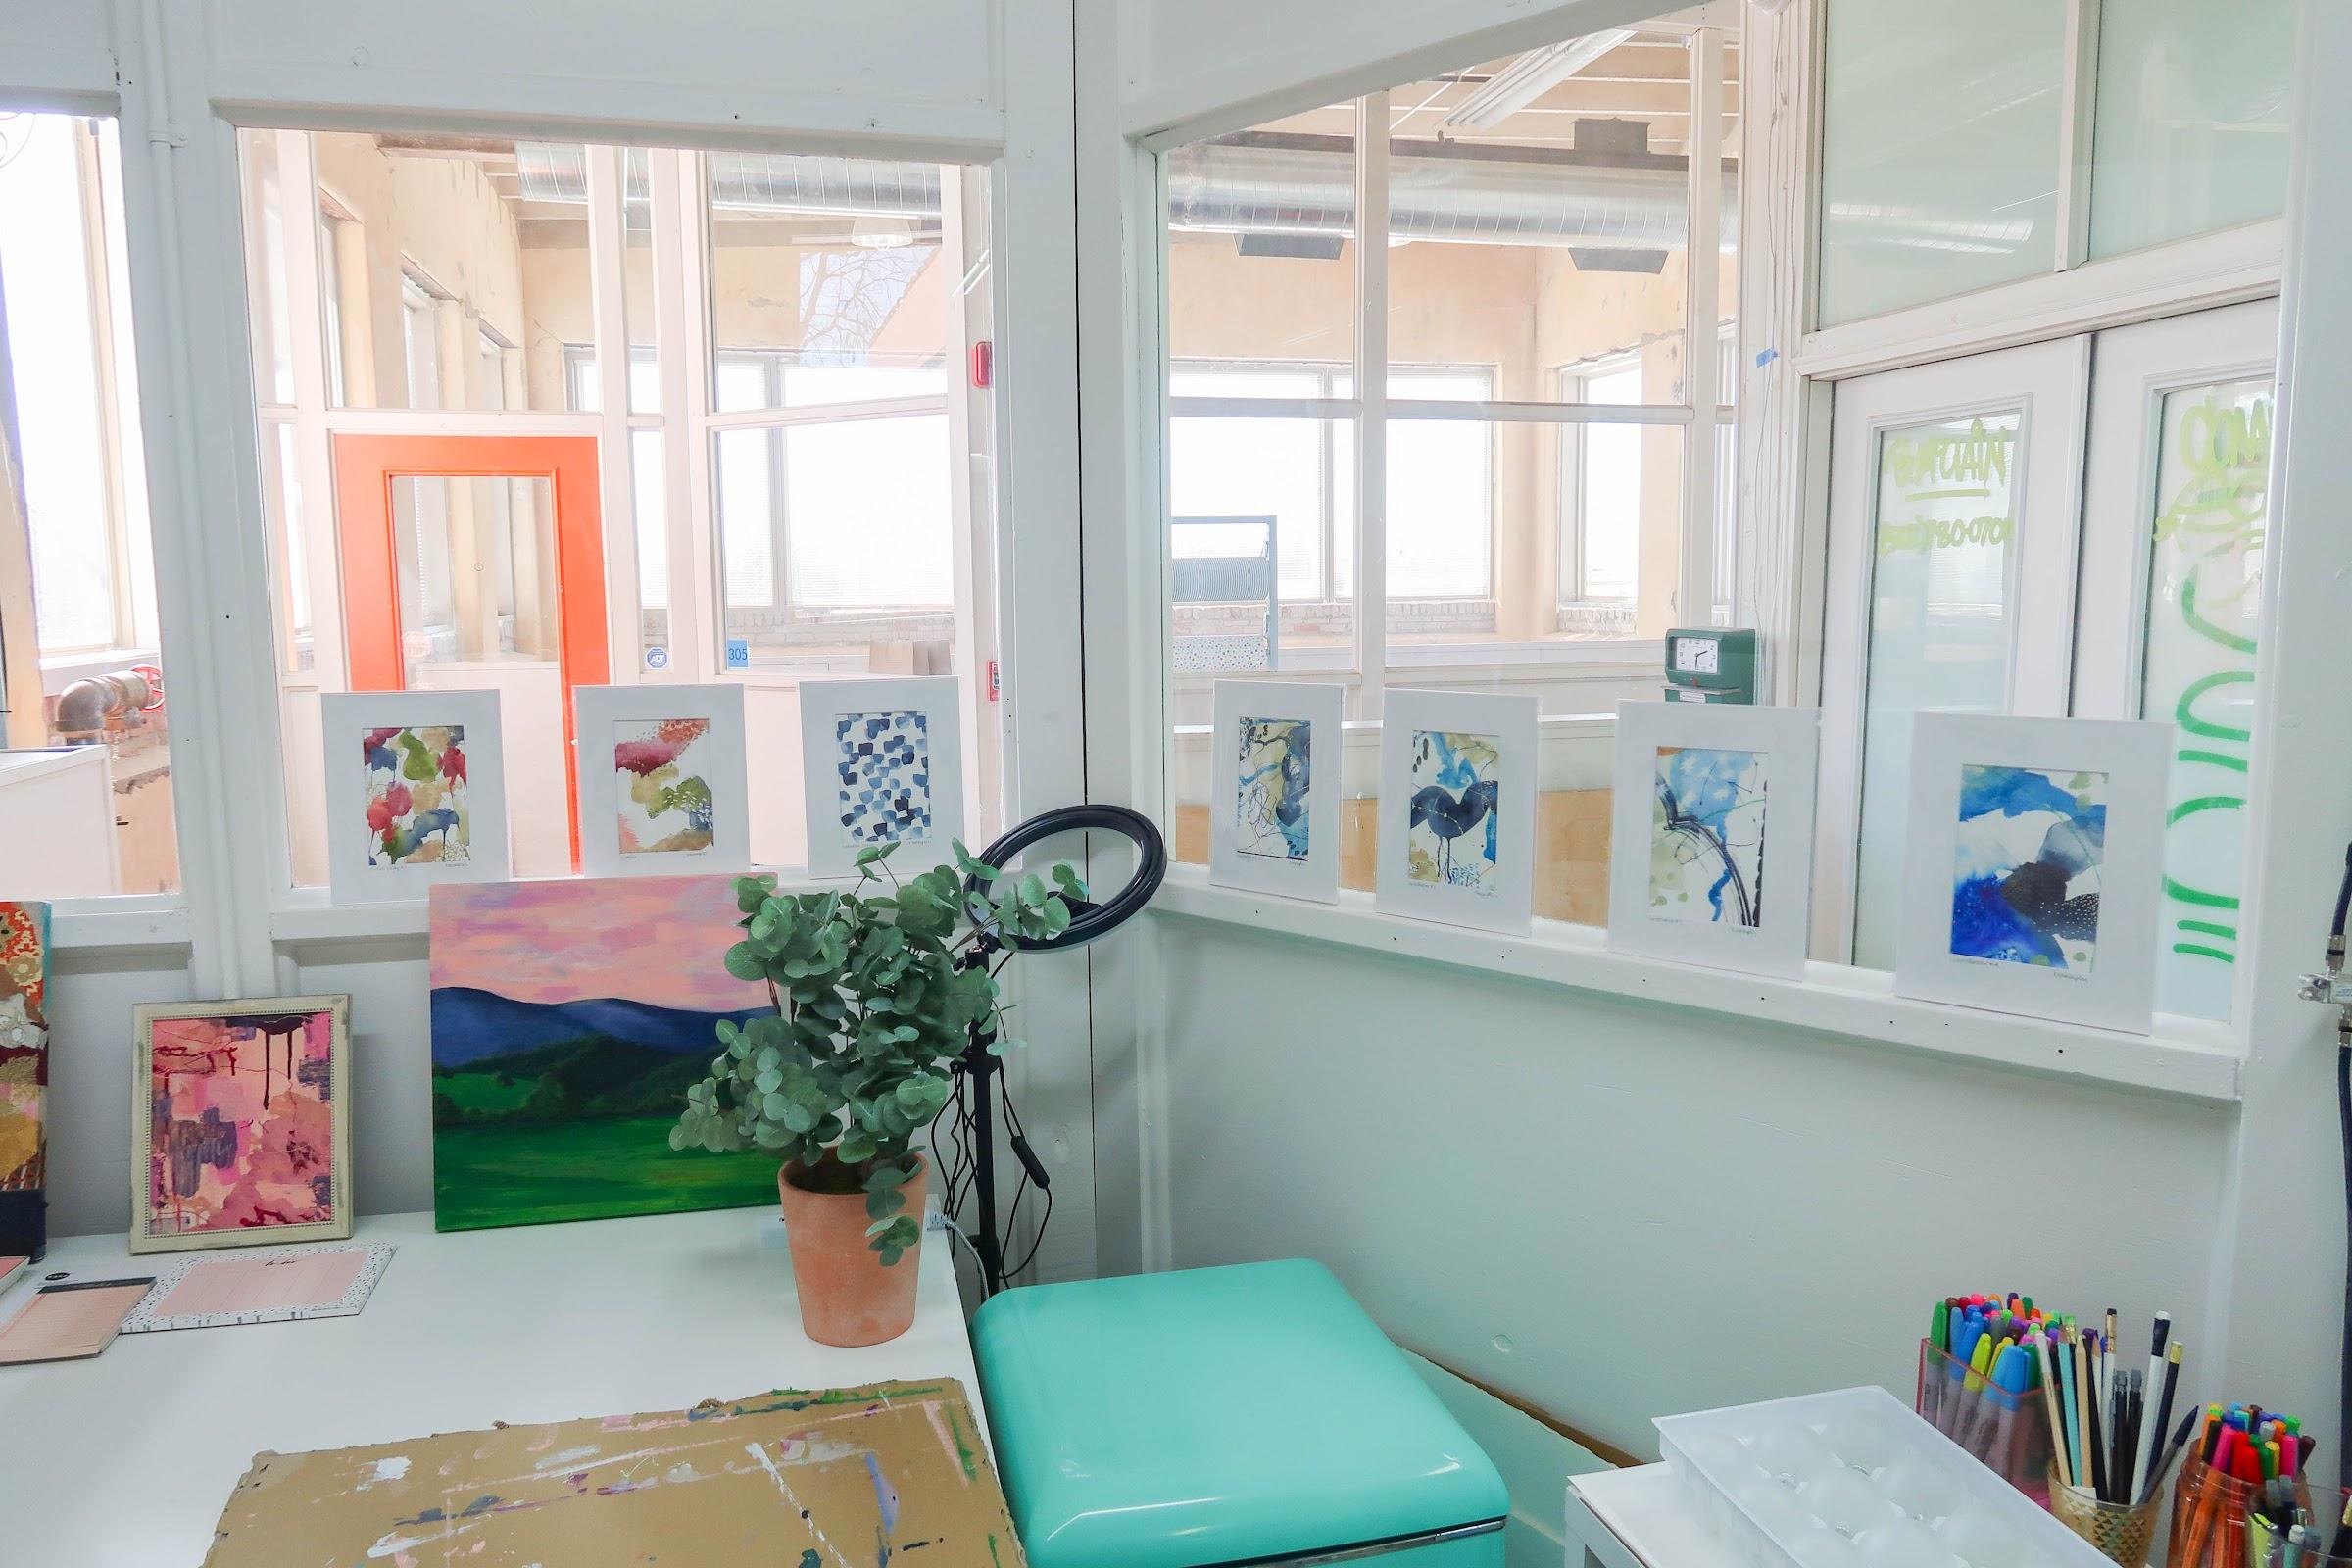 Katie Wampler: 7 paintings in studio